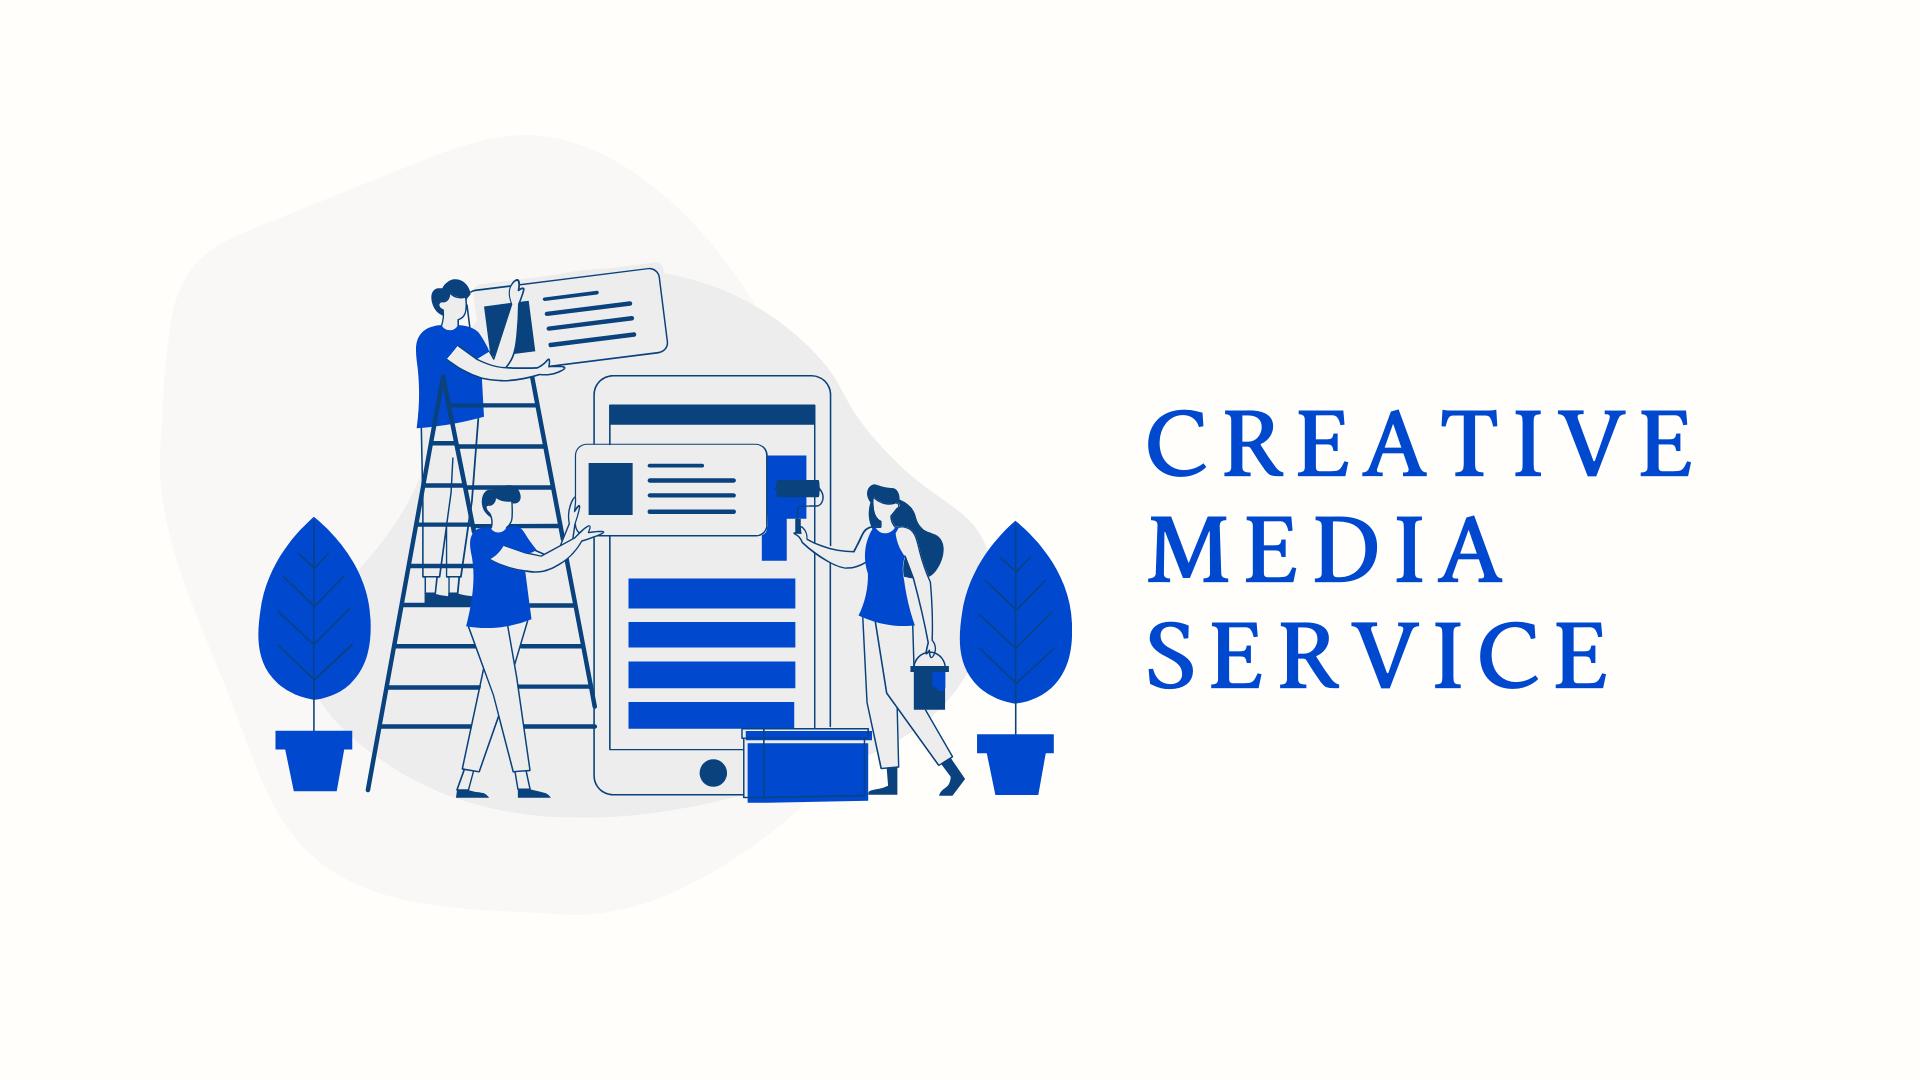 Bagaimana Efek Creative Media Service Terhadap Perusahaan?